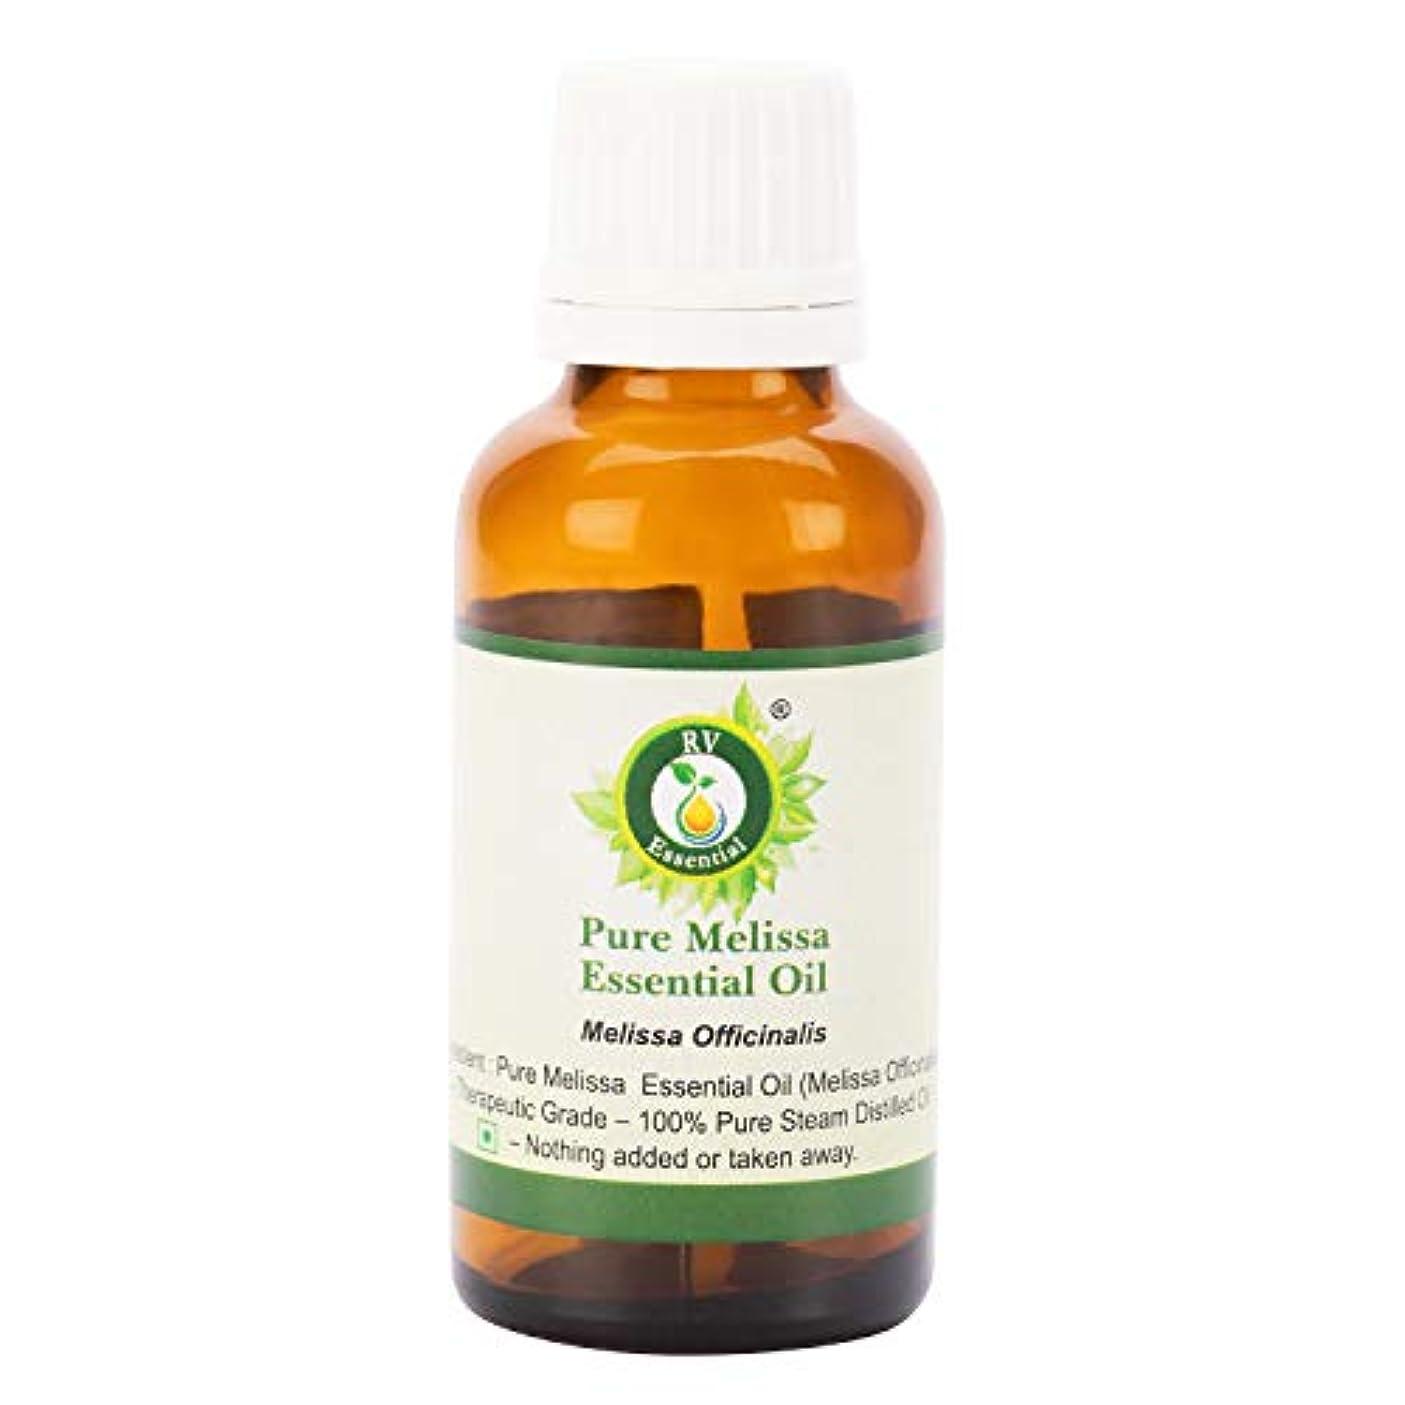 品シリンダー愛情深いピュアエッセンシャルオイルメリッサ100ml (3.38oz)- Melissa Officinalis (100%純粋&天然スチームDistilled) Pure Melissa Essential Oil